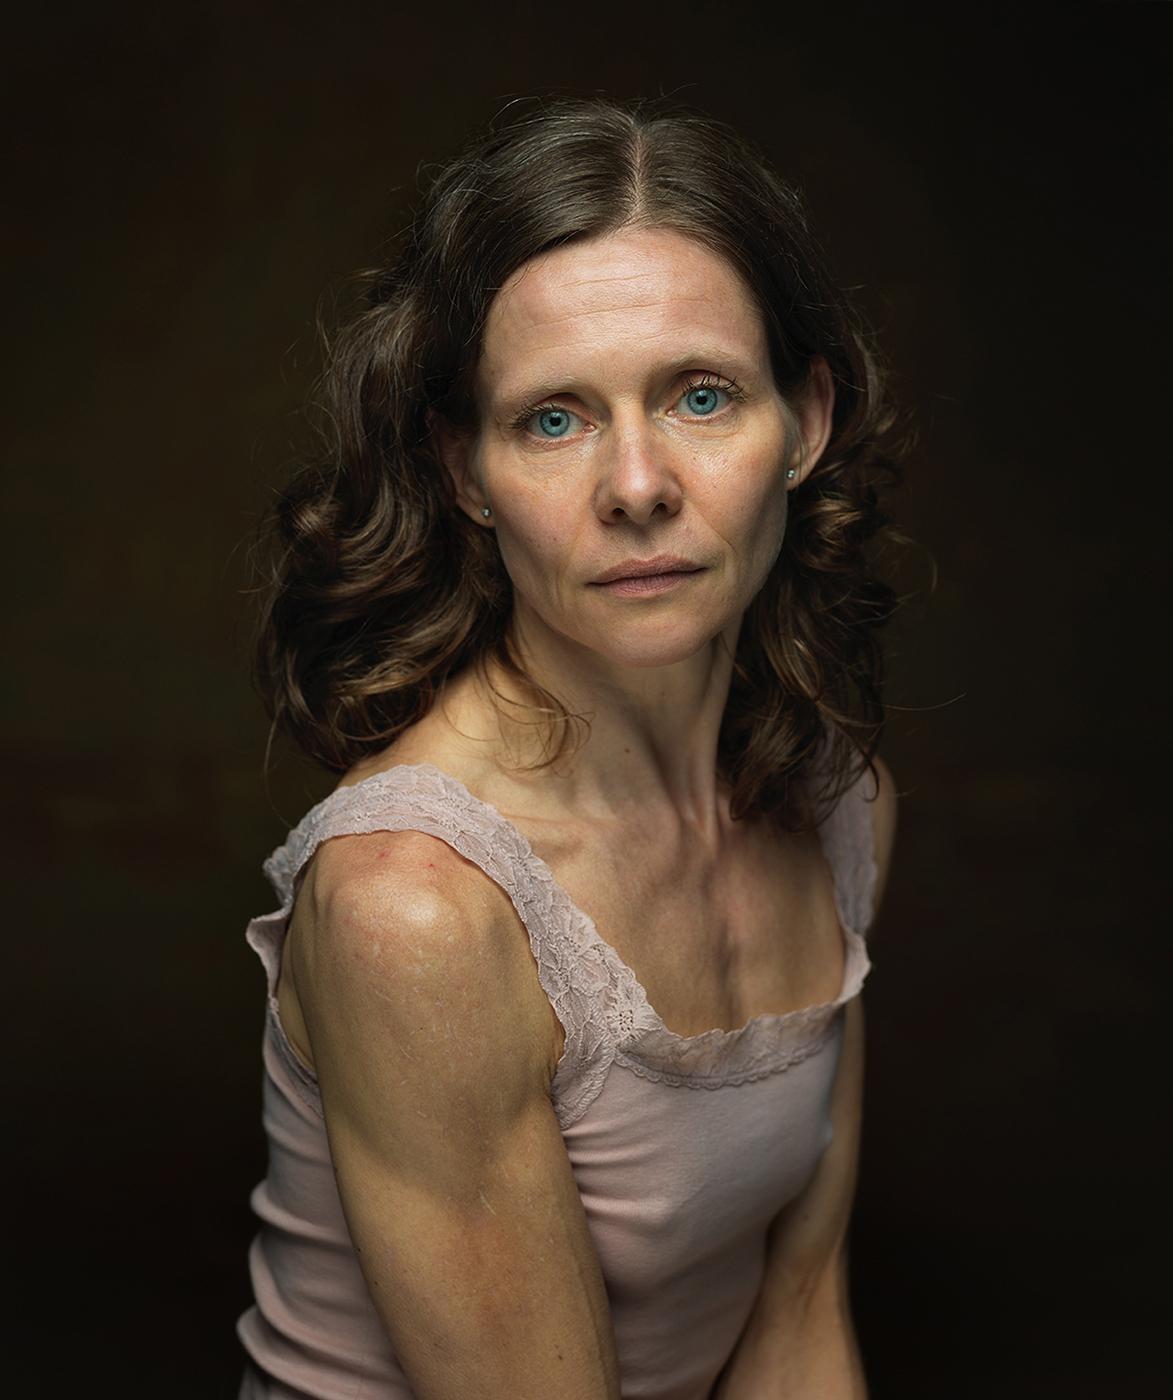 portrait, portet , Susanne Middelberg_meubelstoffeerderij Dennis van der Burch